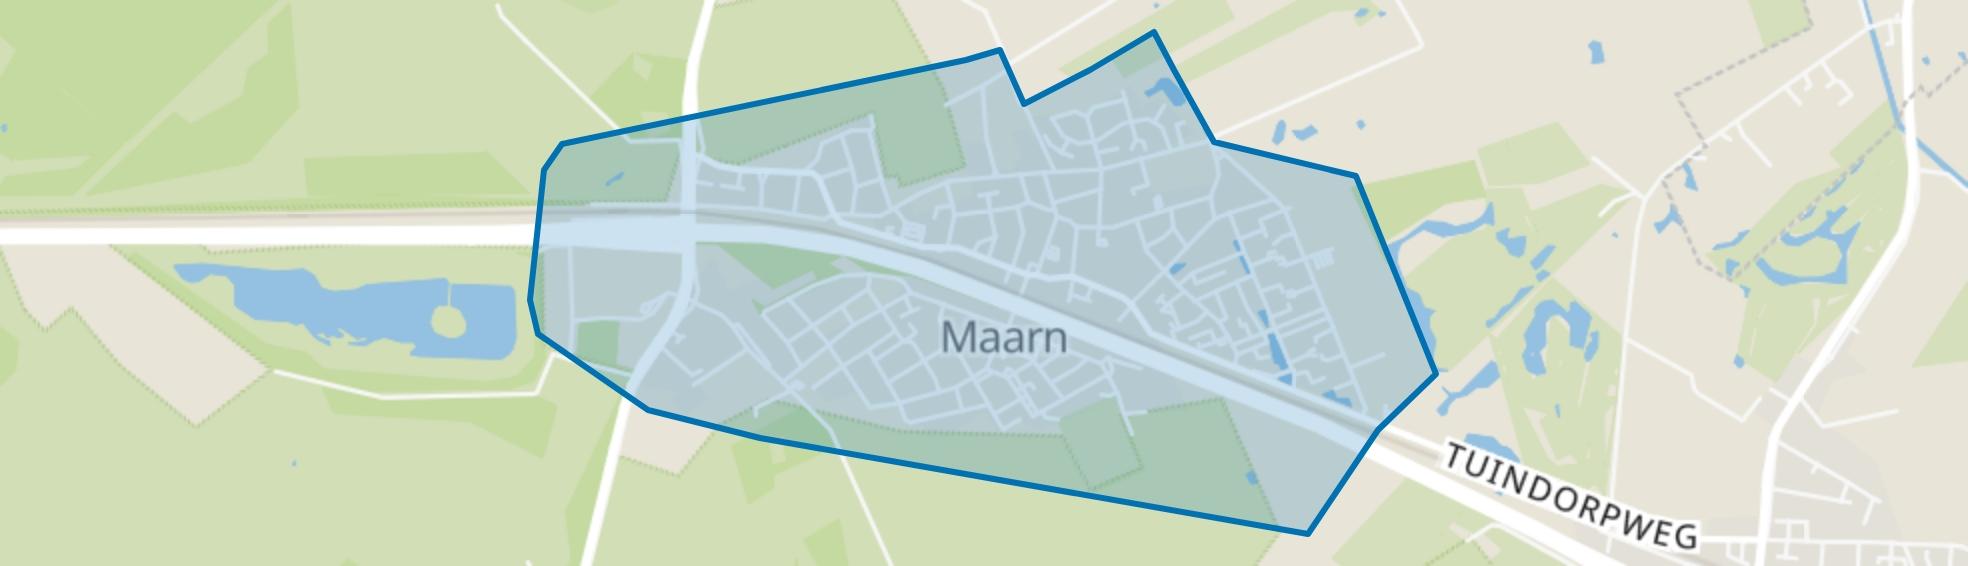 Maarn waaronder Klein Amsterdam, Maarn map